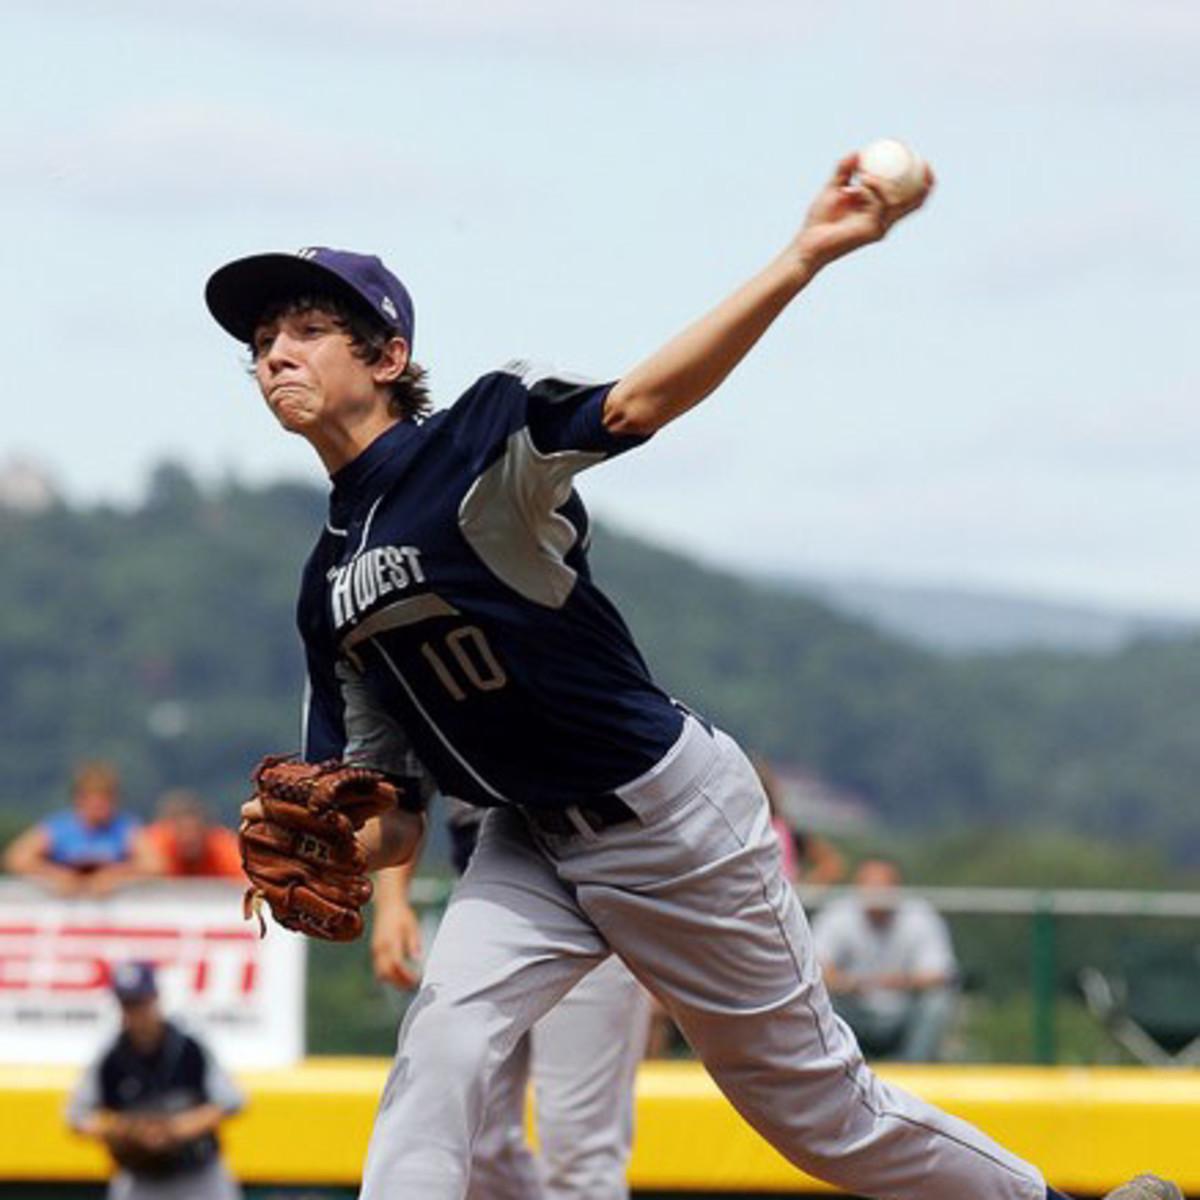 News_Pearland Little League_player_Little League World Series